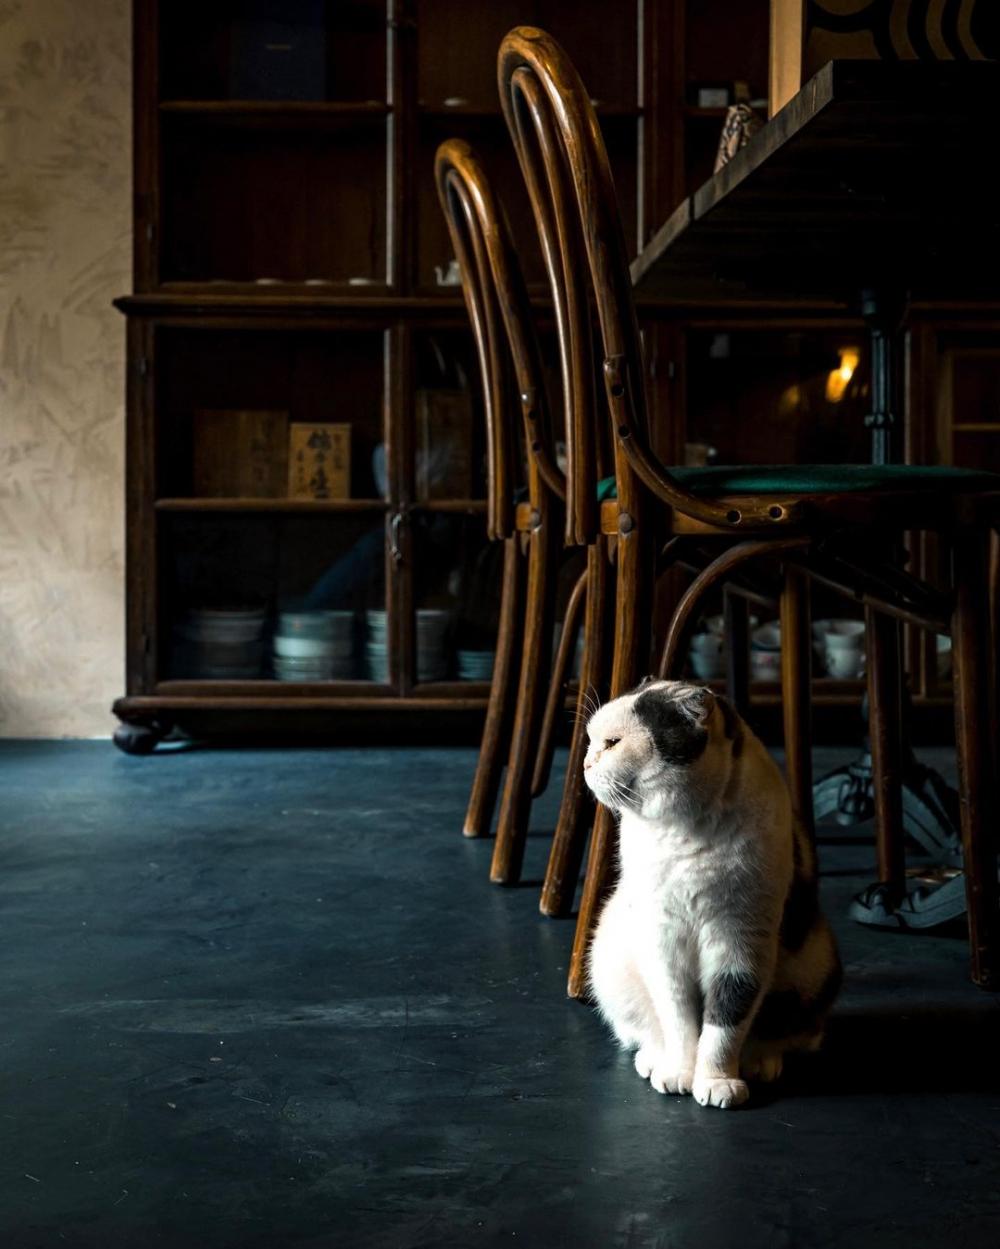 店內的貓店主茶茶悠閒愜意的在店內漫步